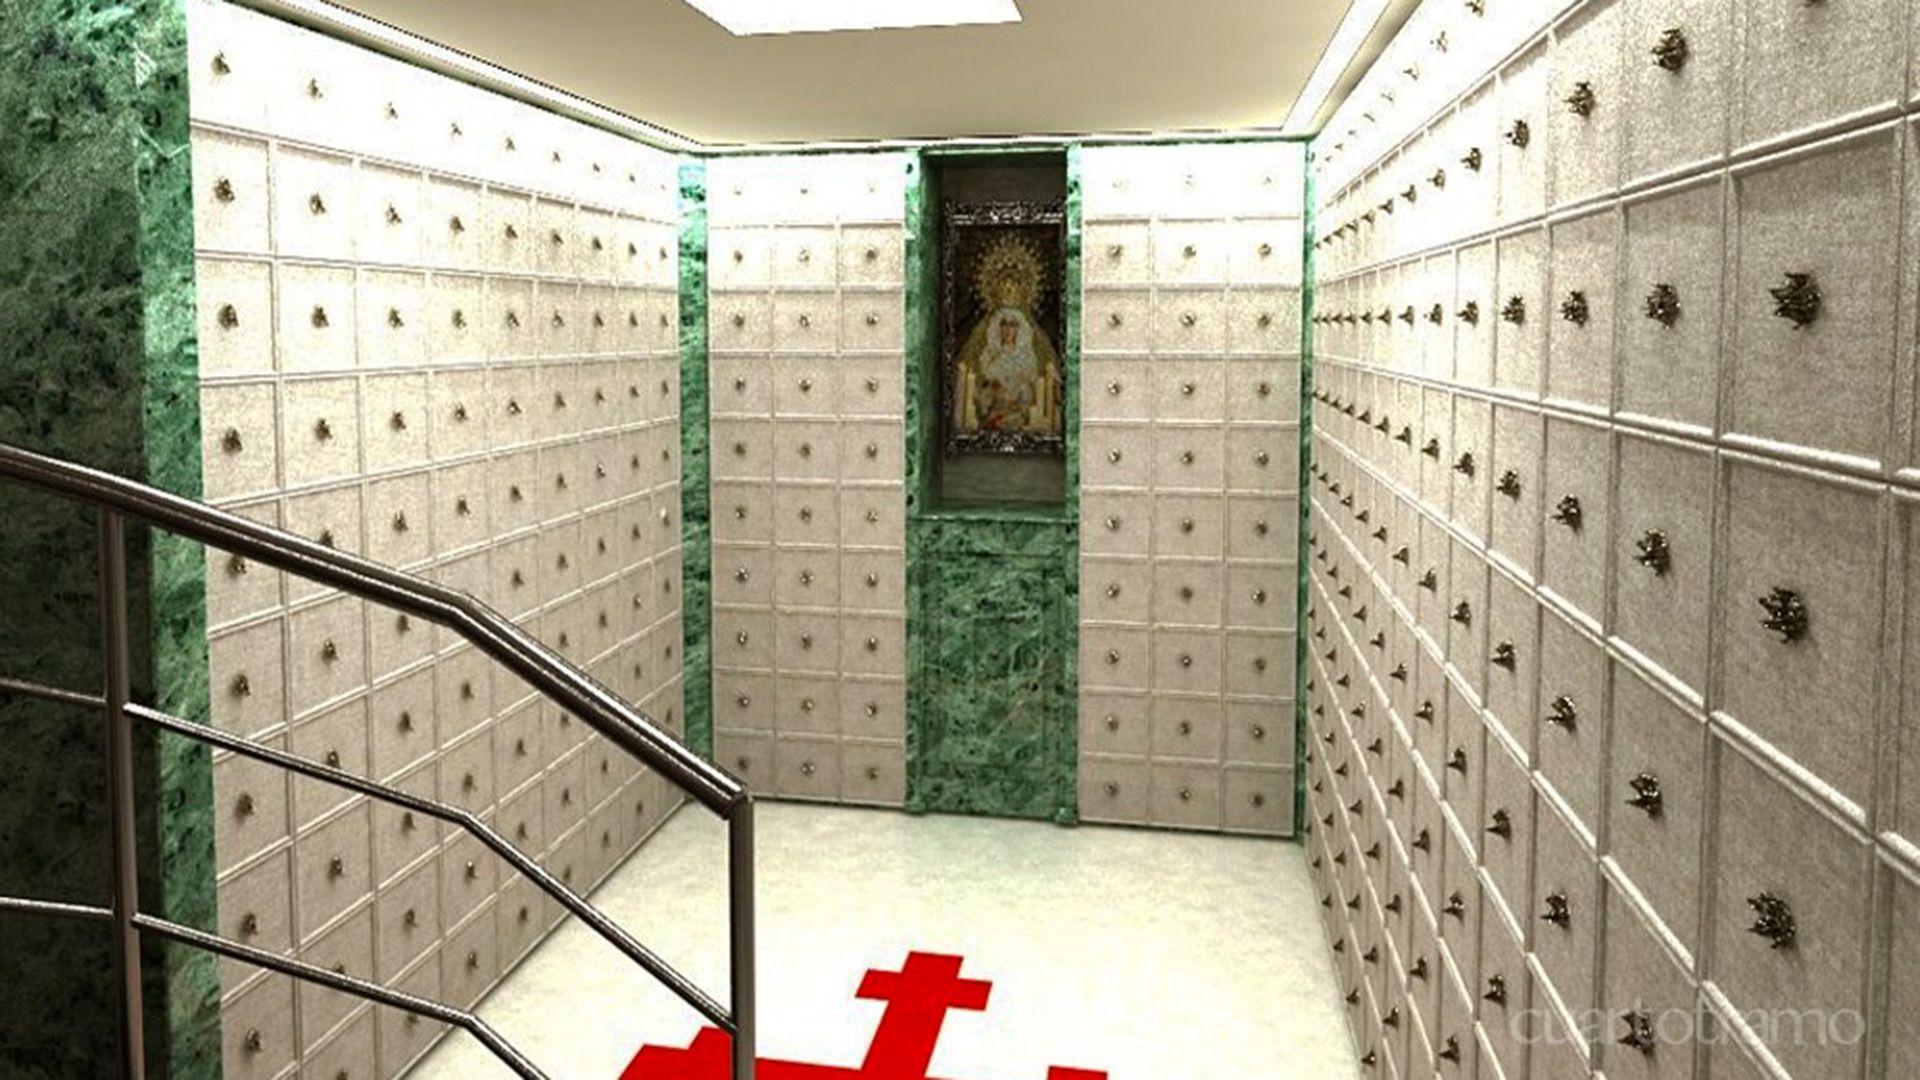 Los familiares tiene que revisar si el gobierno estatal donde quieren trasladar al fallecido permite la inhumación del cuerpo (Foto: Archivo)